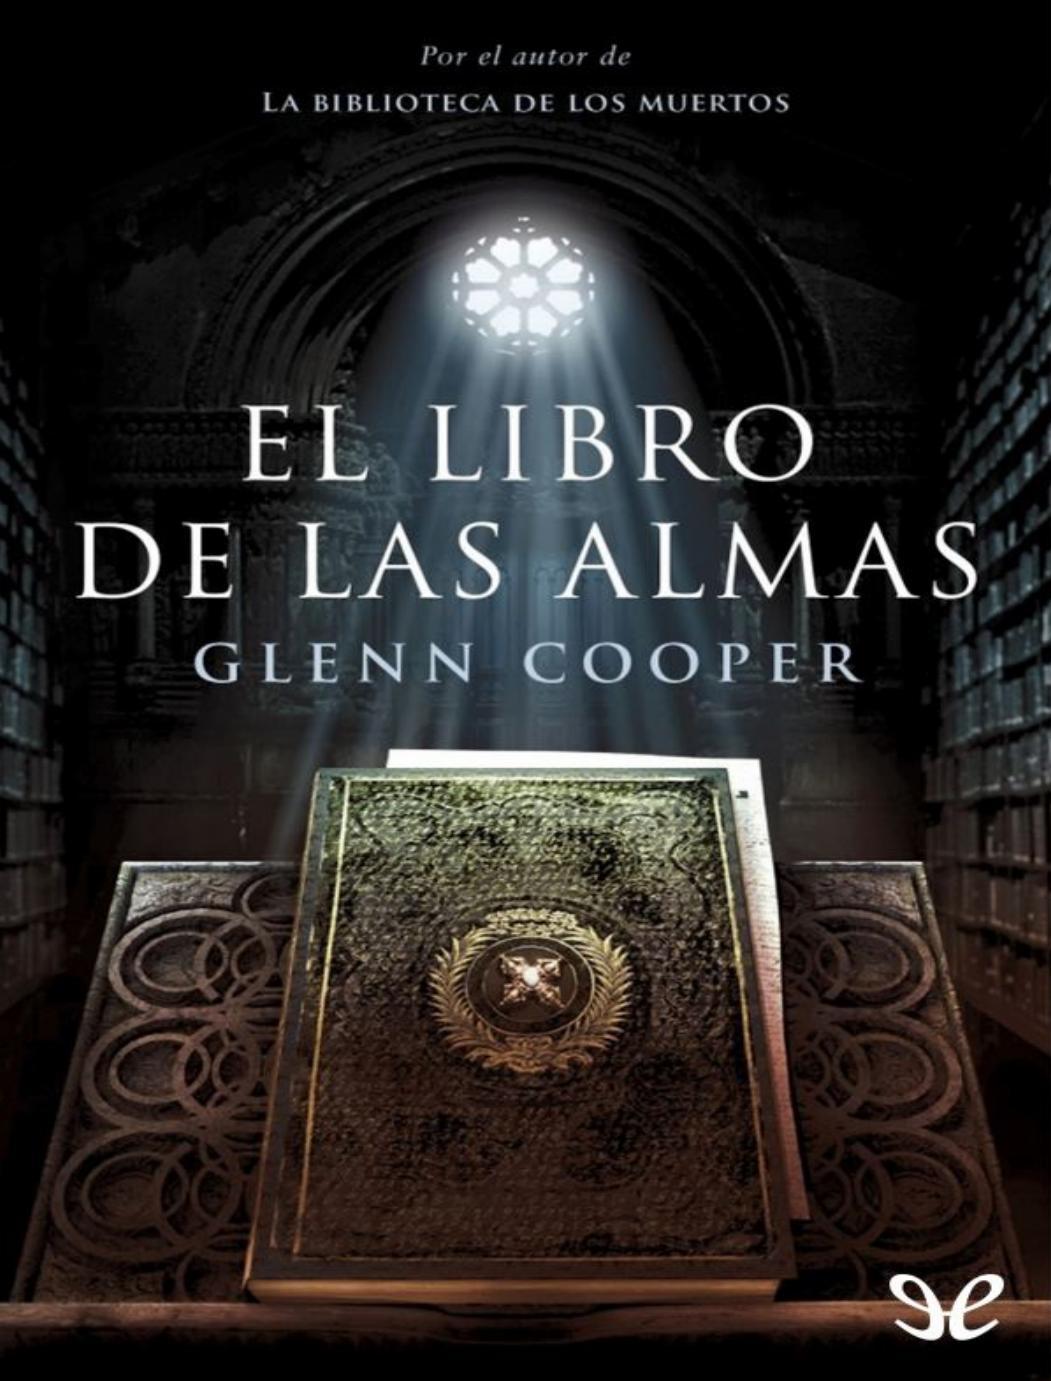 El libro de las almas glenn cooper by Fernando 0903 - issuu